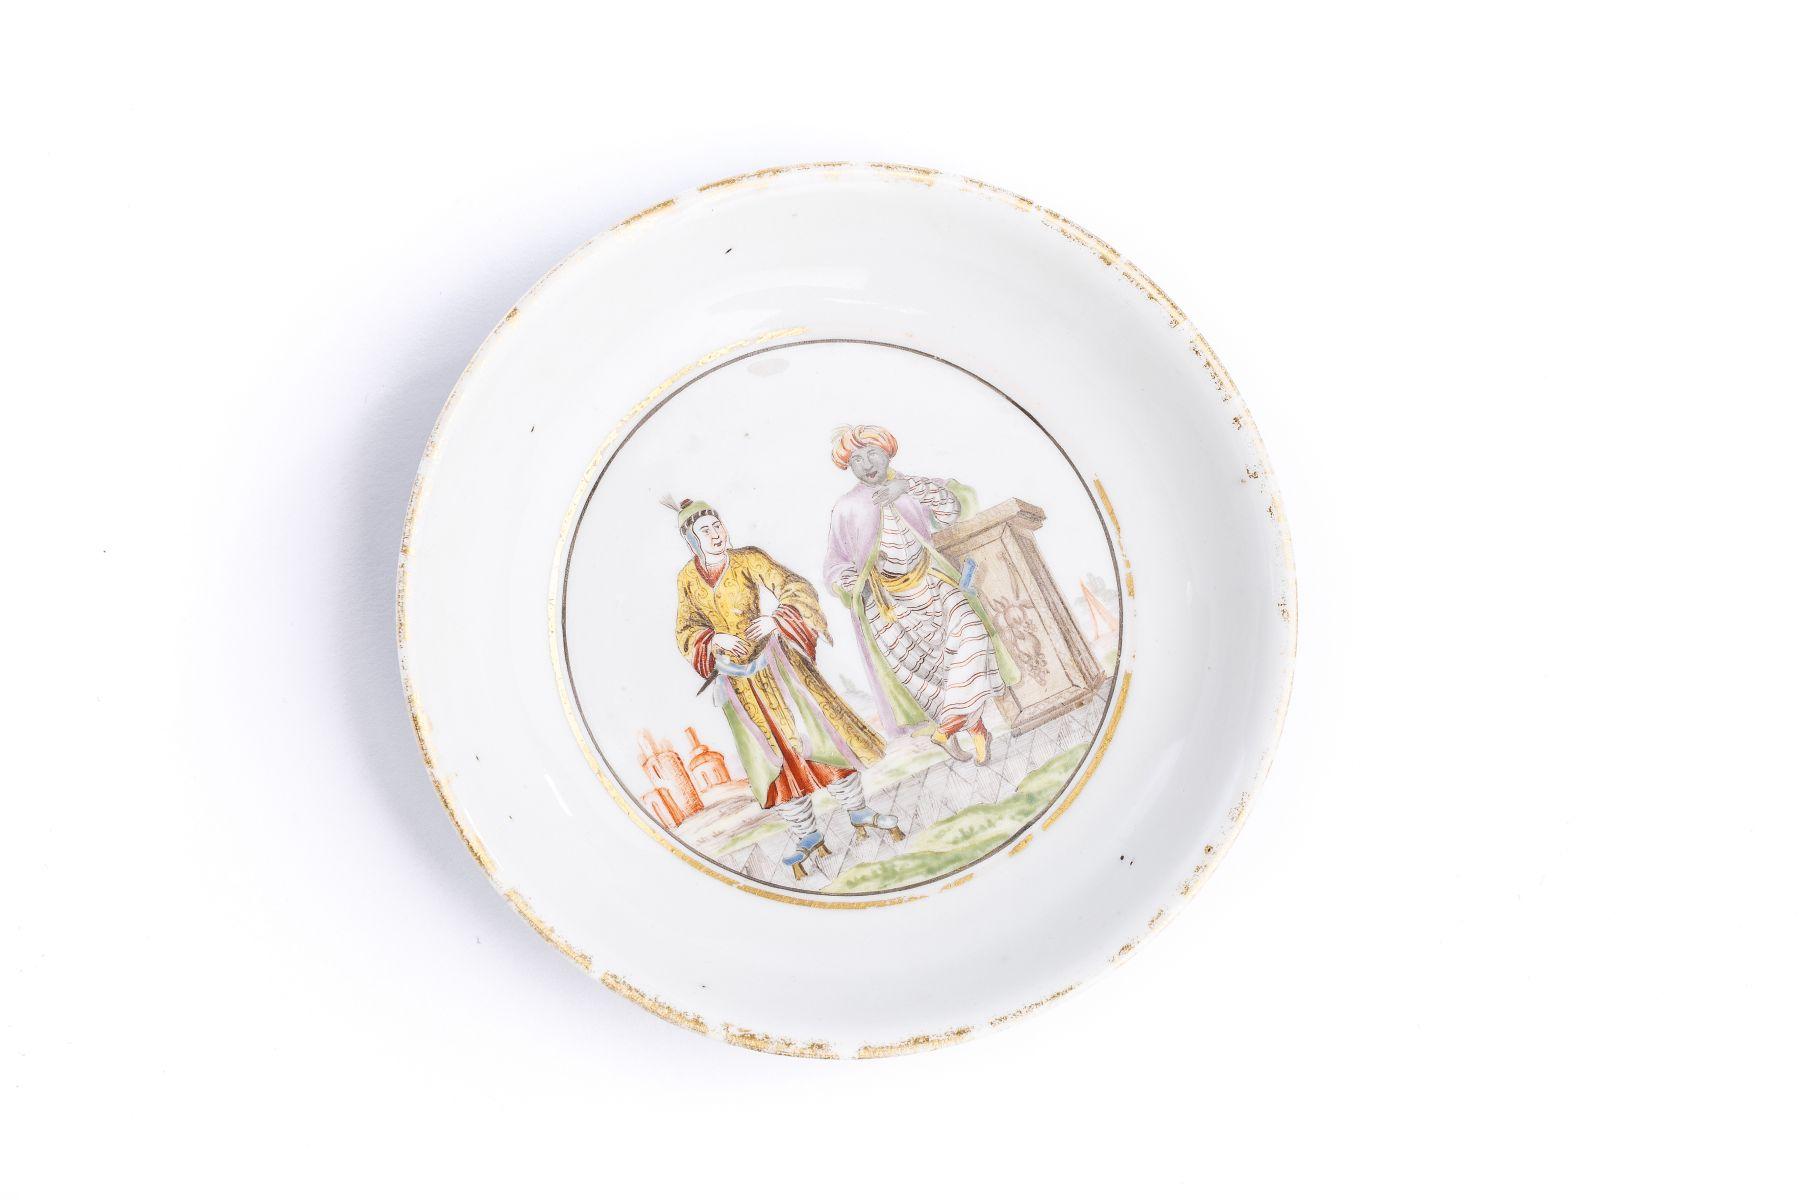 #10 Small saucer, Meissen 1720/25 | Kleine Unterschale, Meissen 1720/25 Image